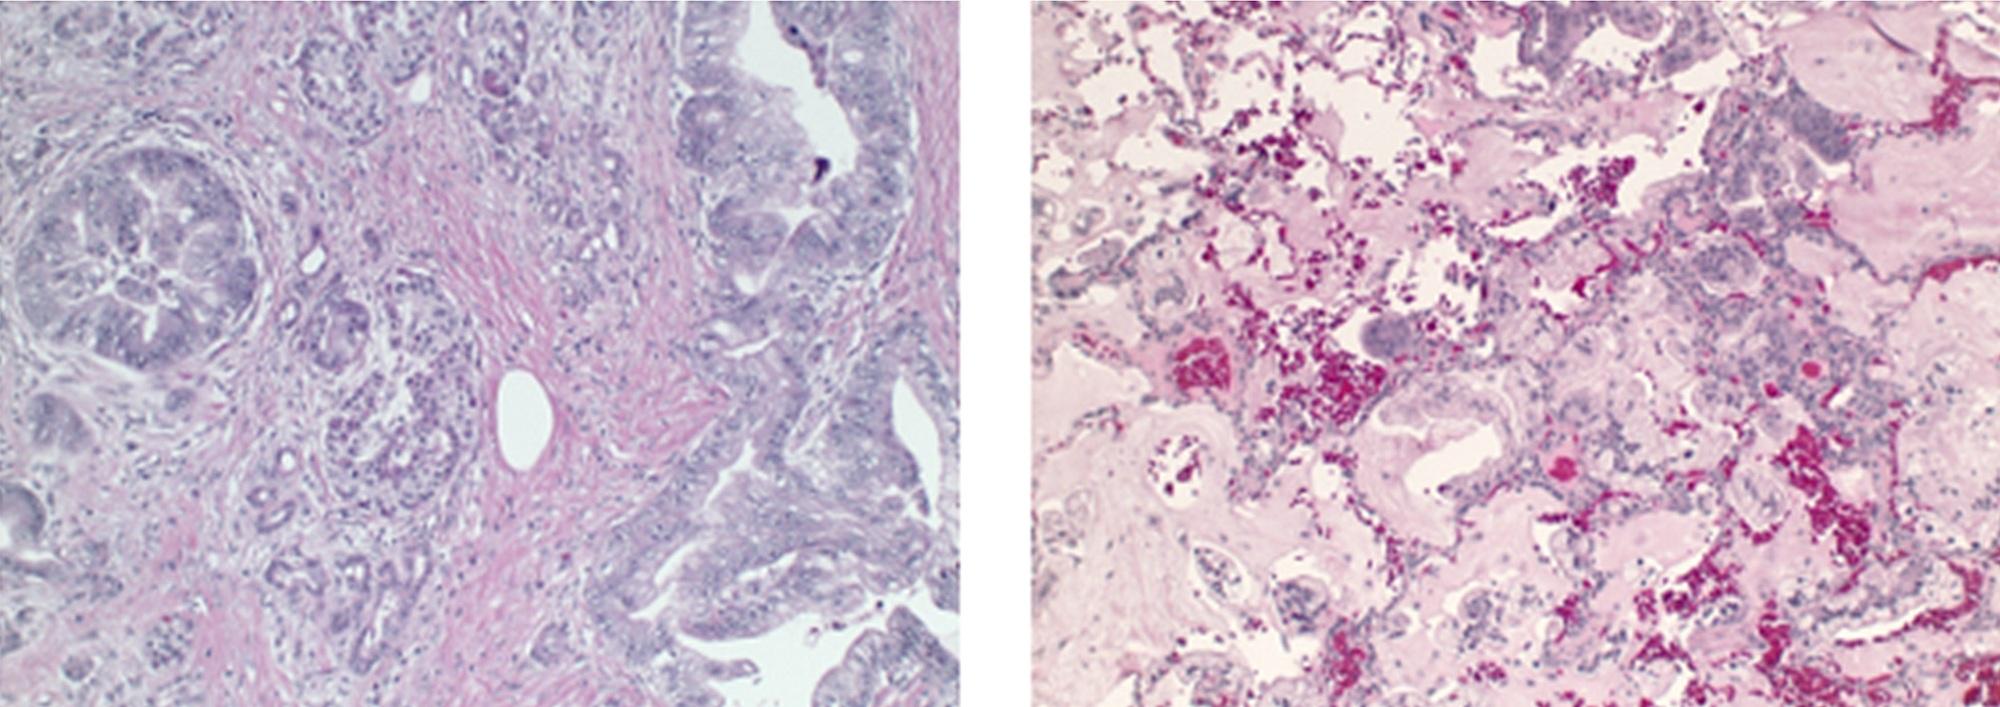 cancer pancreas metastasis pulmon